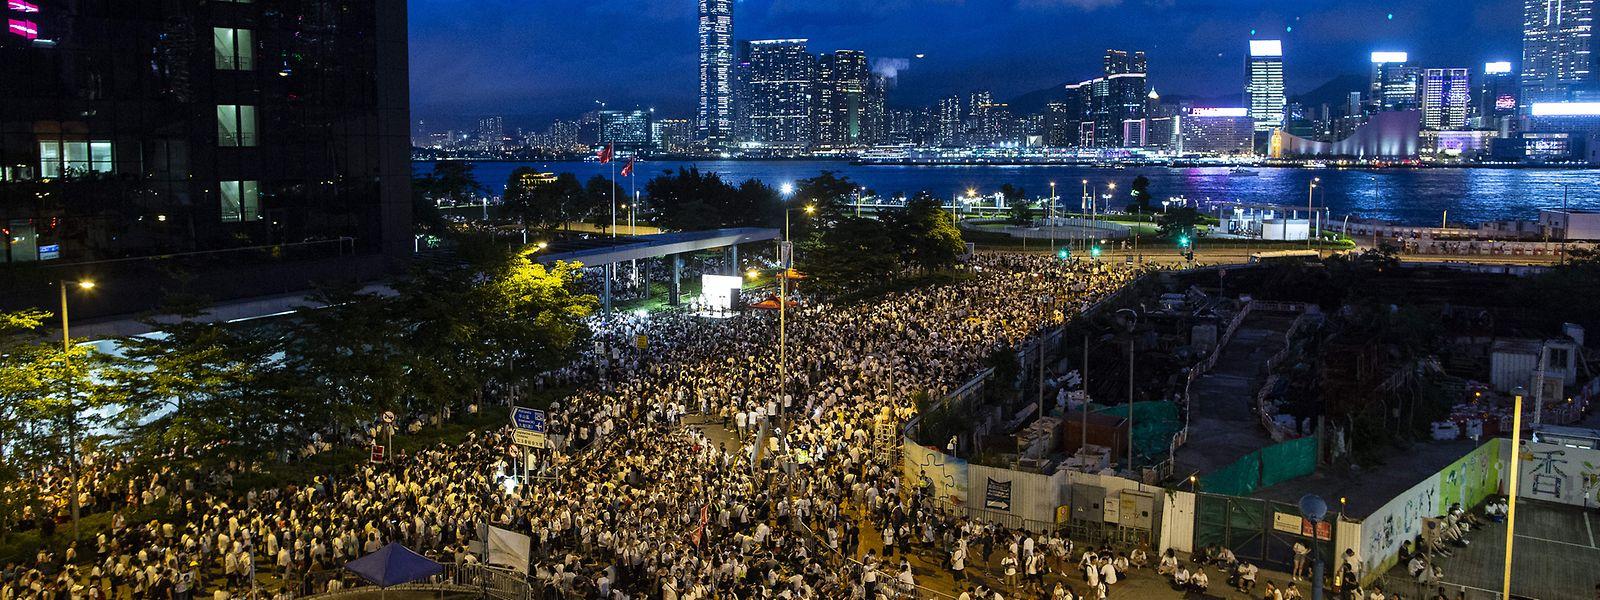 China, Hongkong: Nach dem friedlichen Massenprotest am Sonntag mit rund einer Million Menschen versuchten in der Nacht zum Montag einige hundert Radikale, den Legislativrat und Regierungssitz zu stürmen.